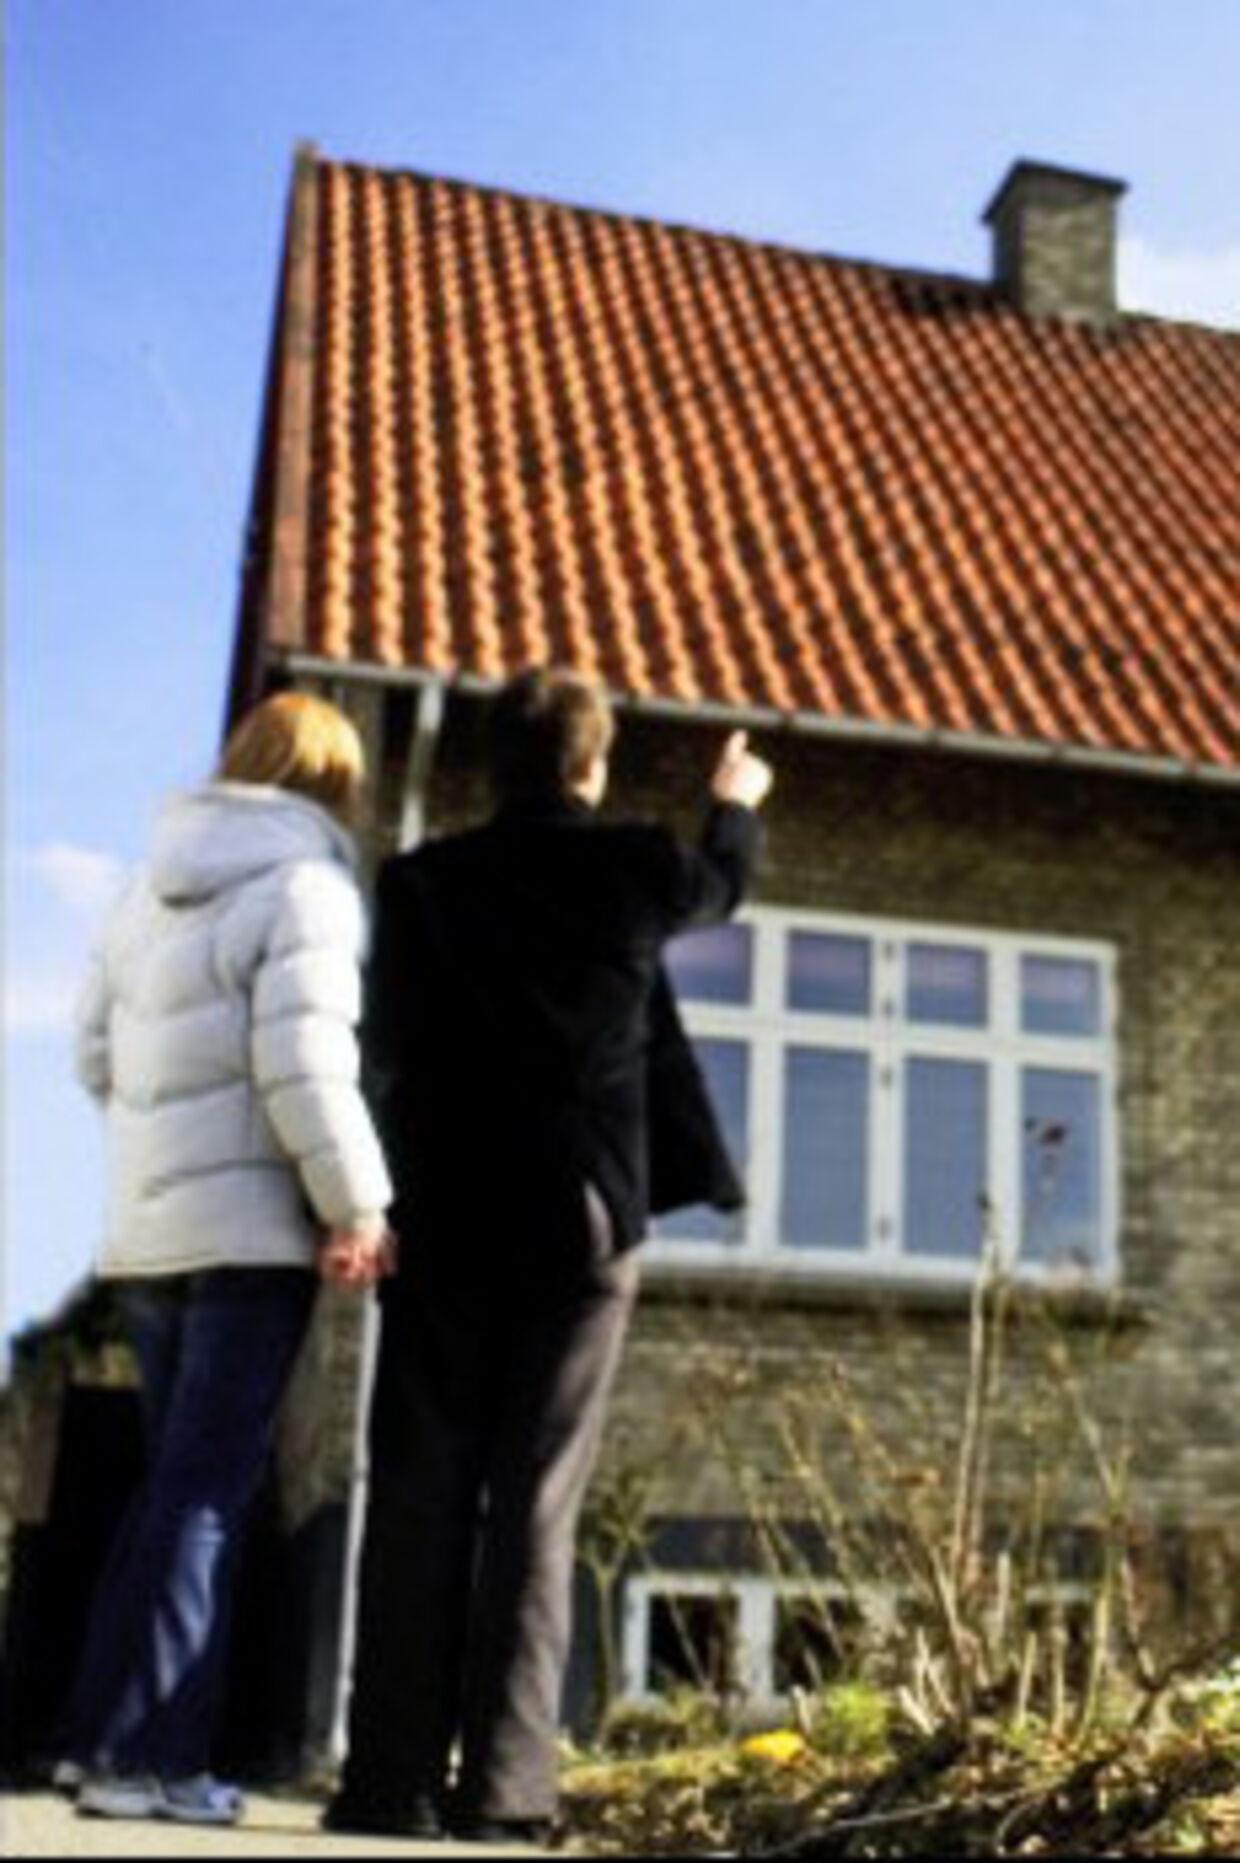 En ny hjemmeside sætter kroner og øre på de dalige prisfald på enkelte boliger. Arkivfoto: Simon Knudsen